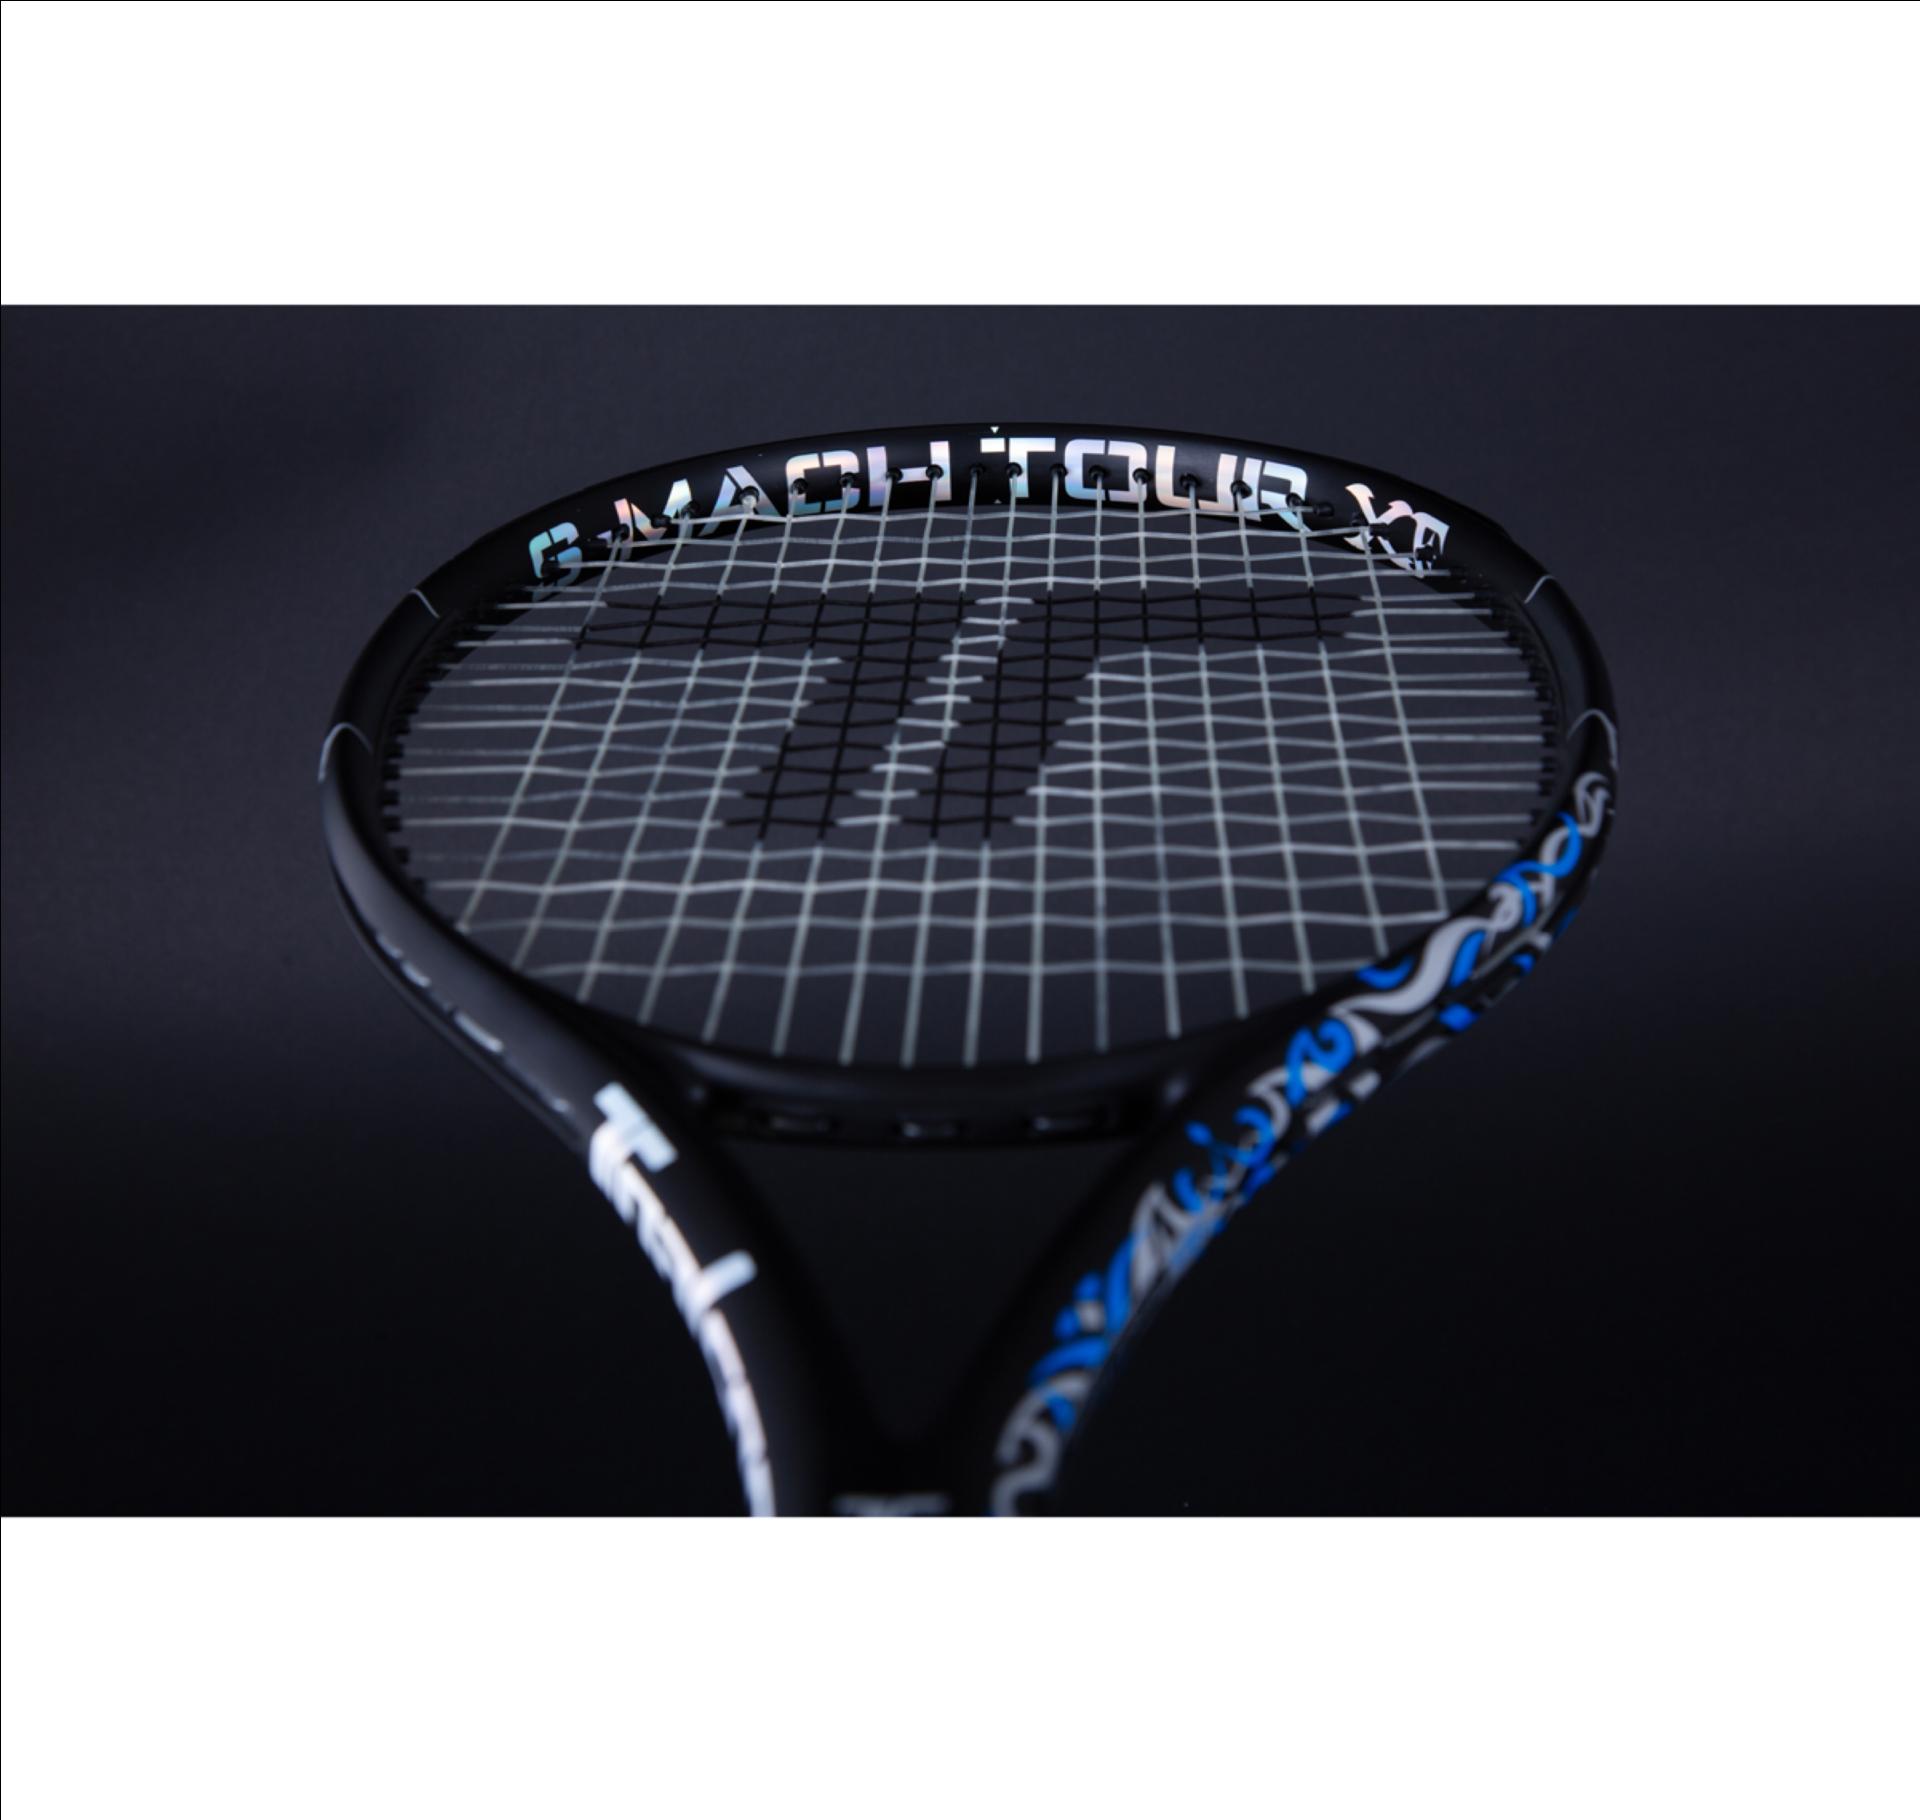 テニスラケット デザイン